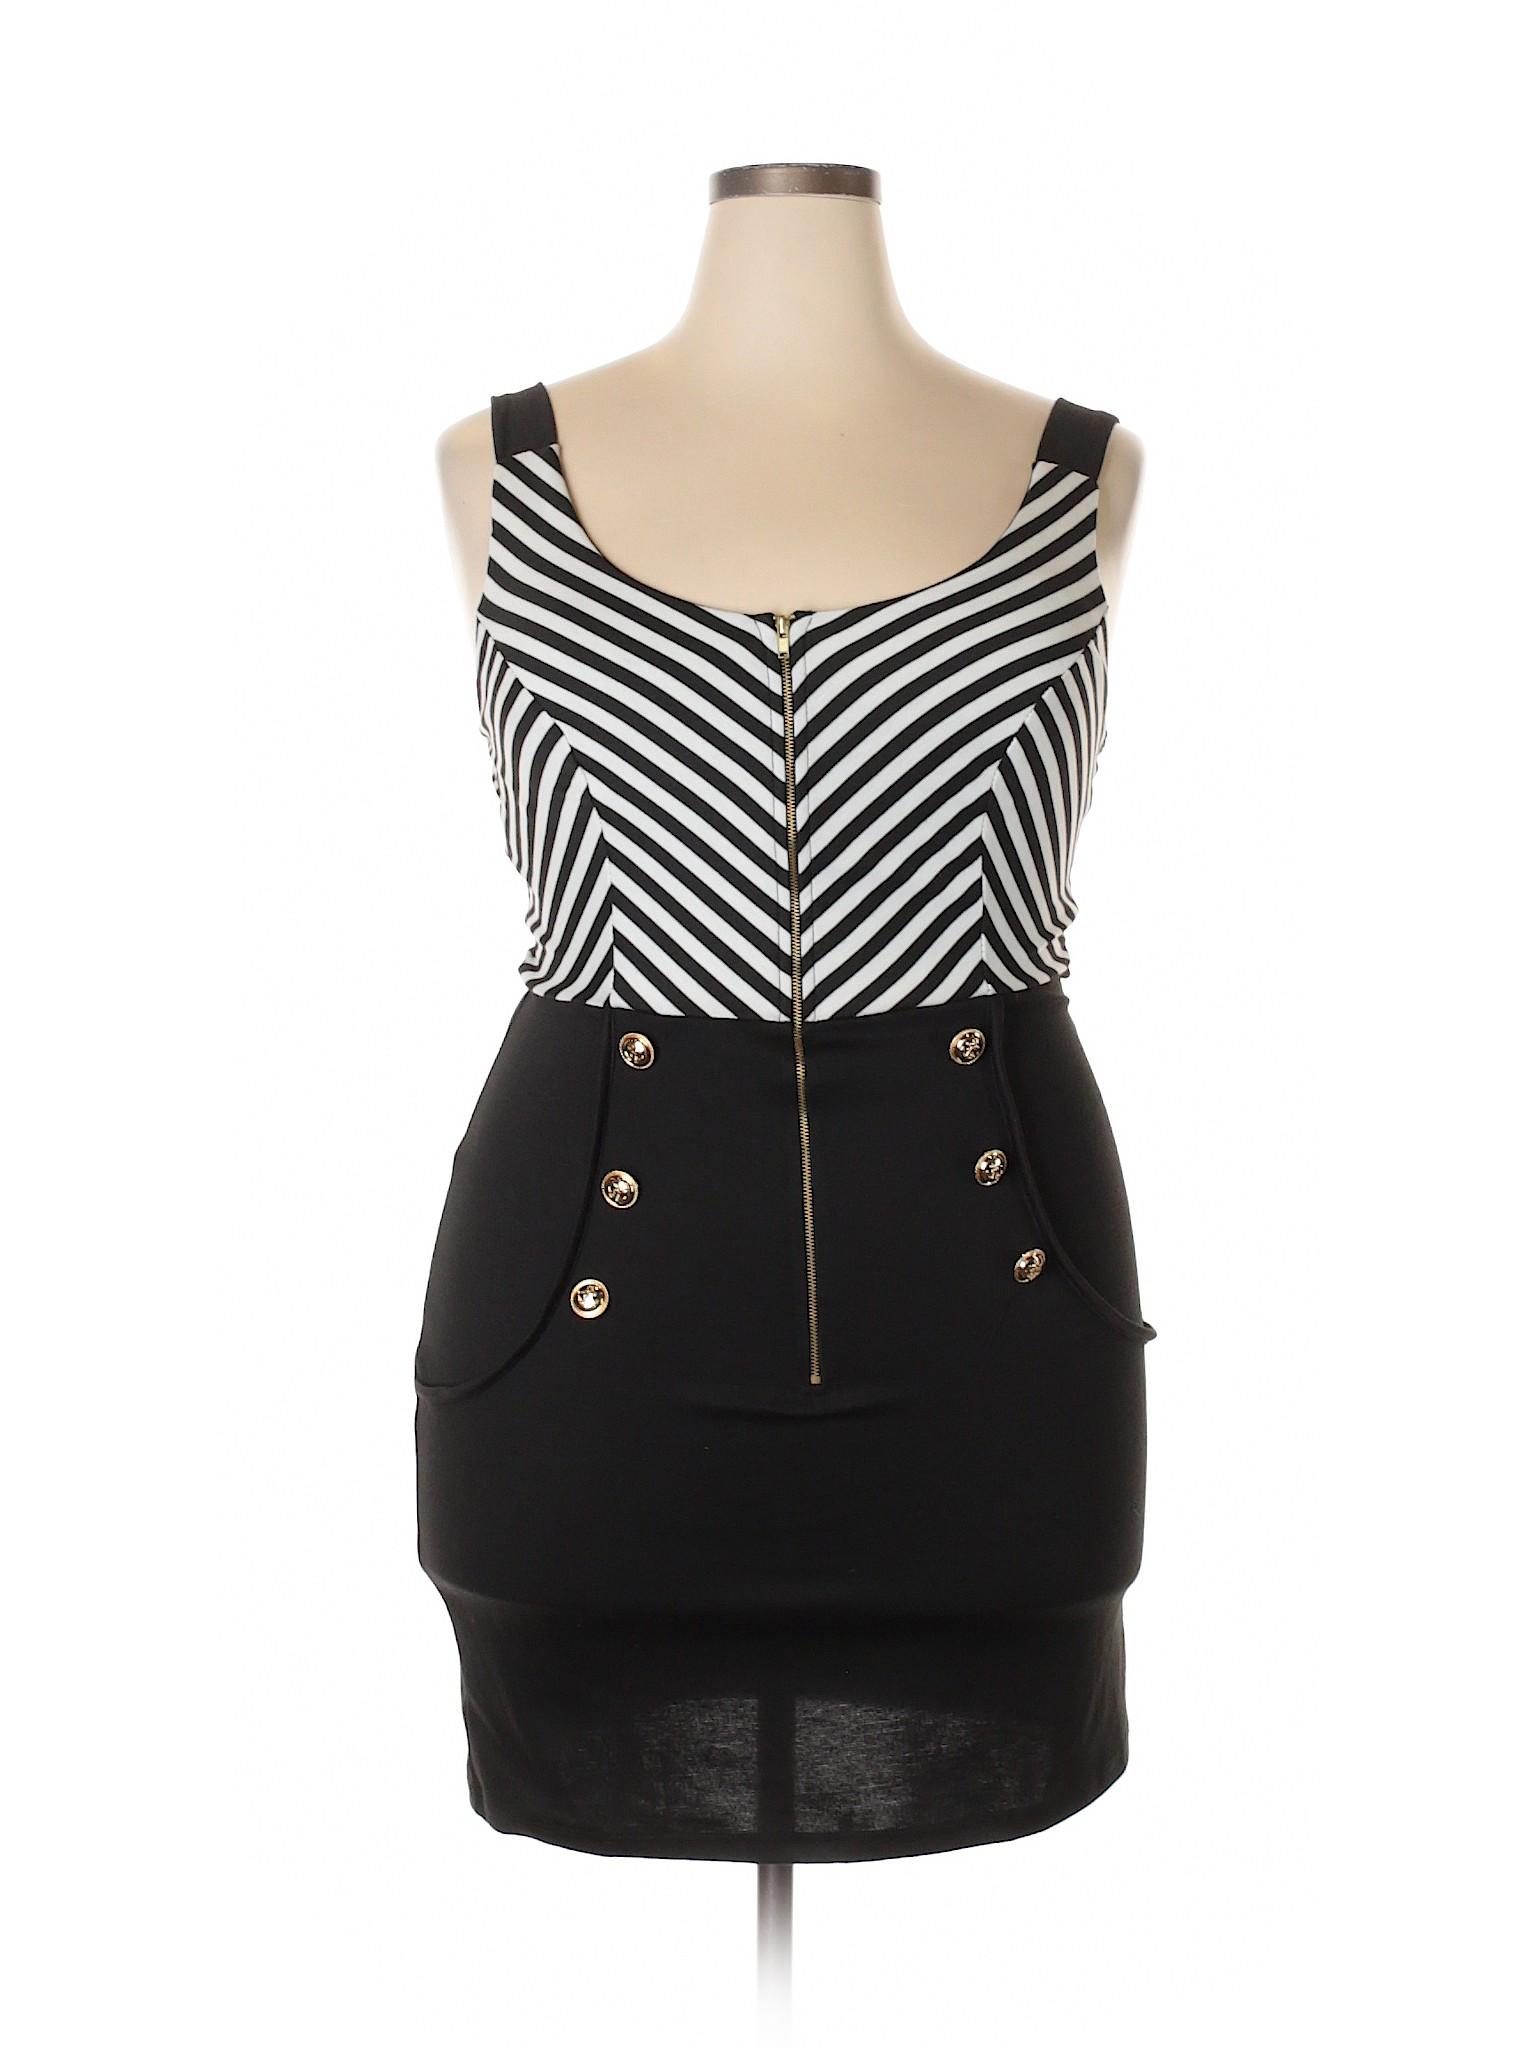 Casual Plus Janette Dress Boutique winter 8x6tff